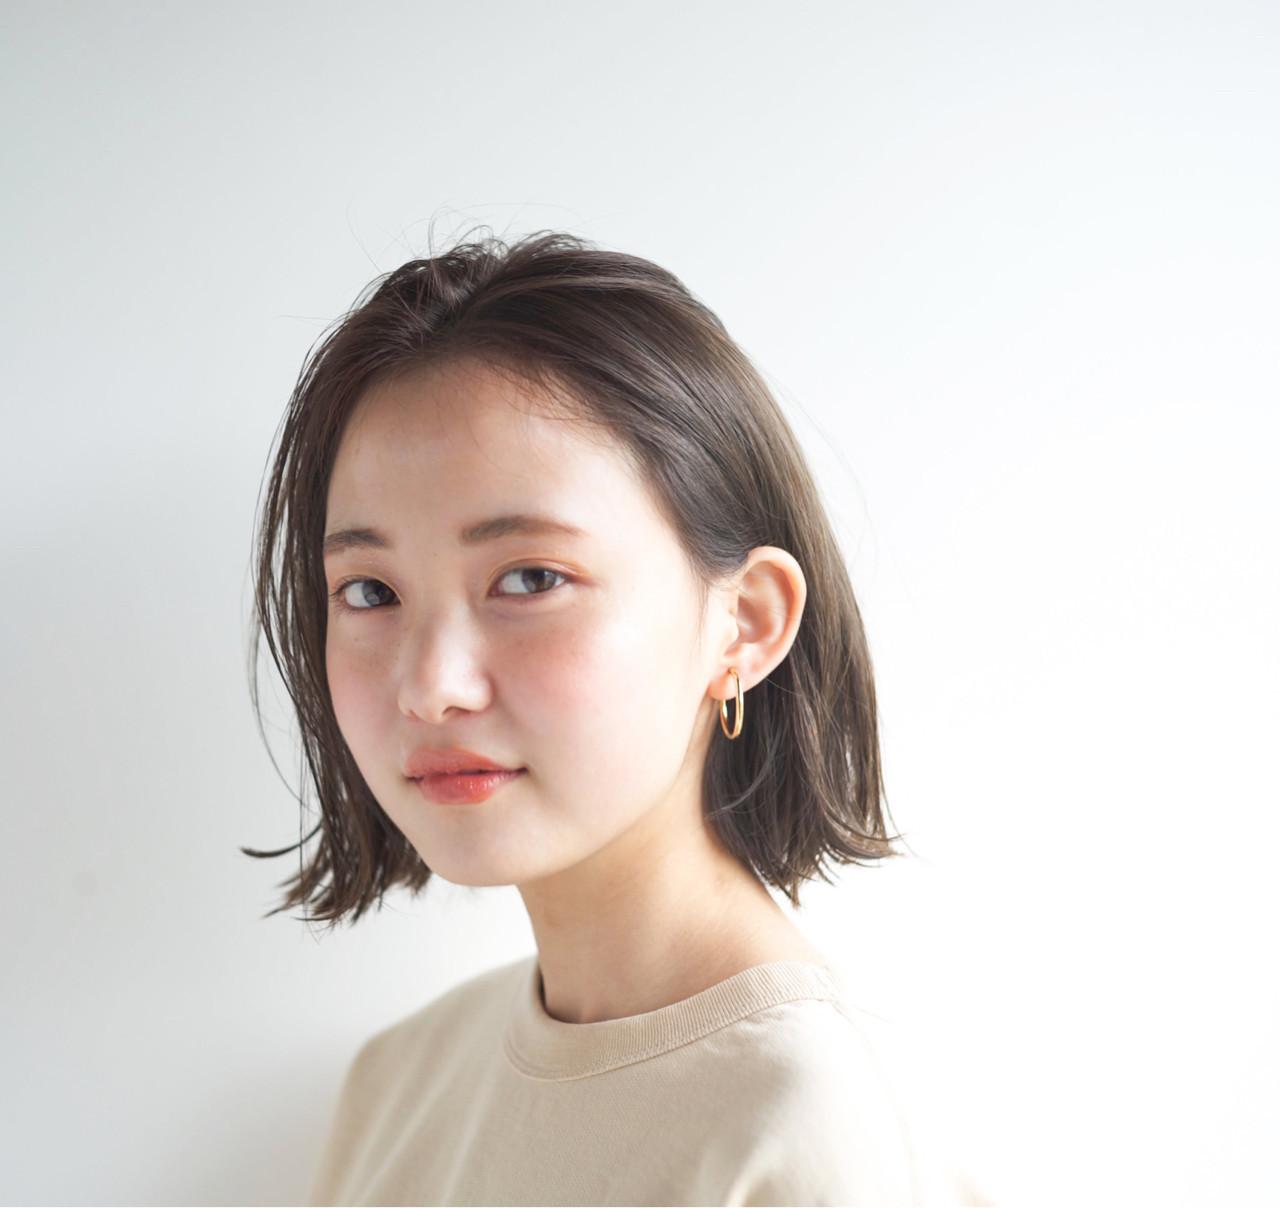 《12選》カバー力goodなパウダーファンデーションのバイブル♡の2枚目の画像